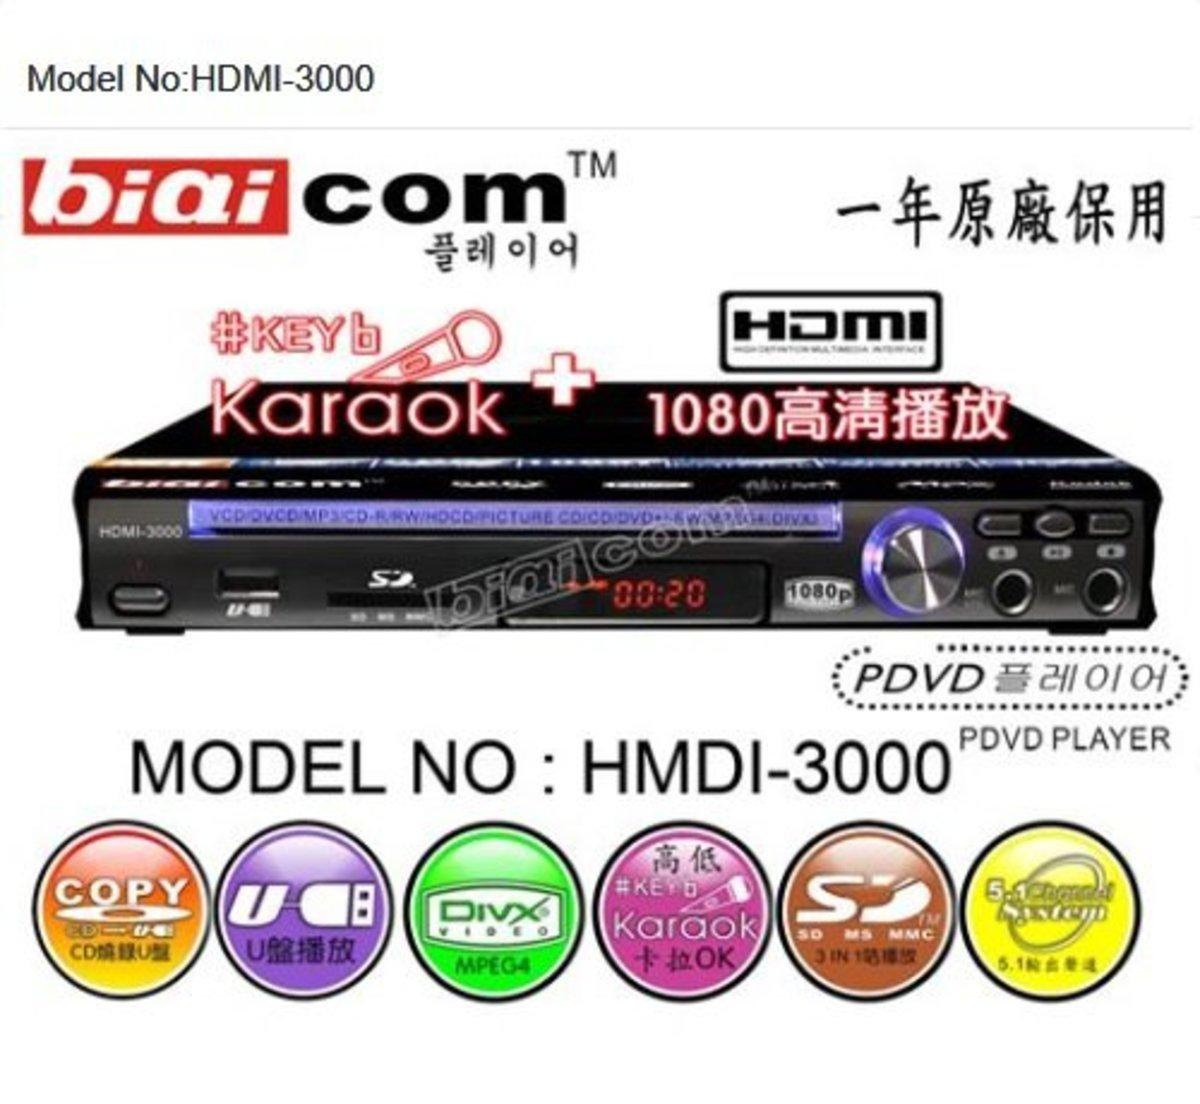 韓國HDMI-3000 1080p DVD播放器